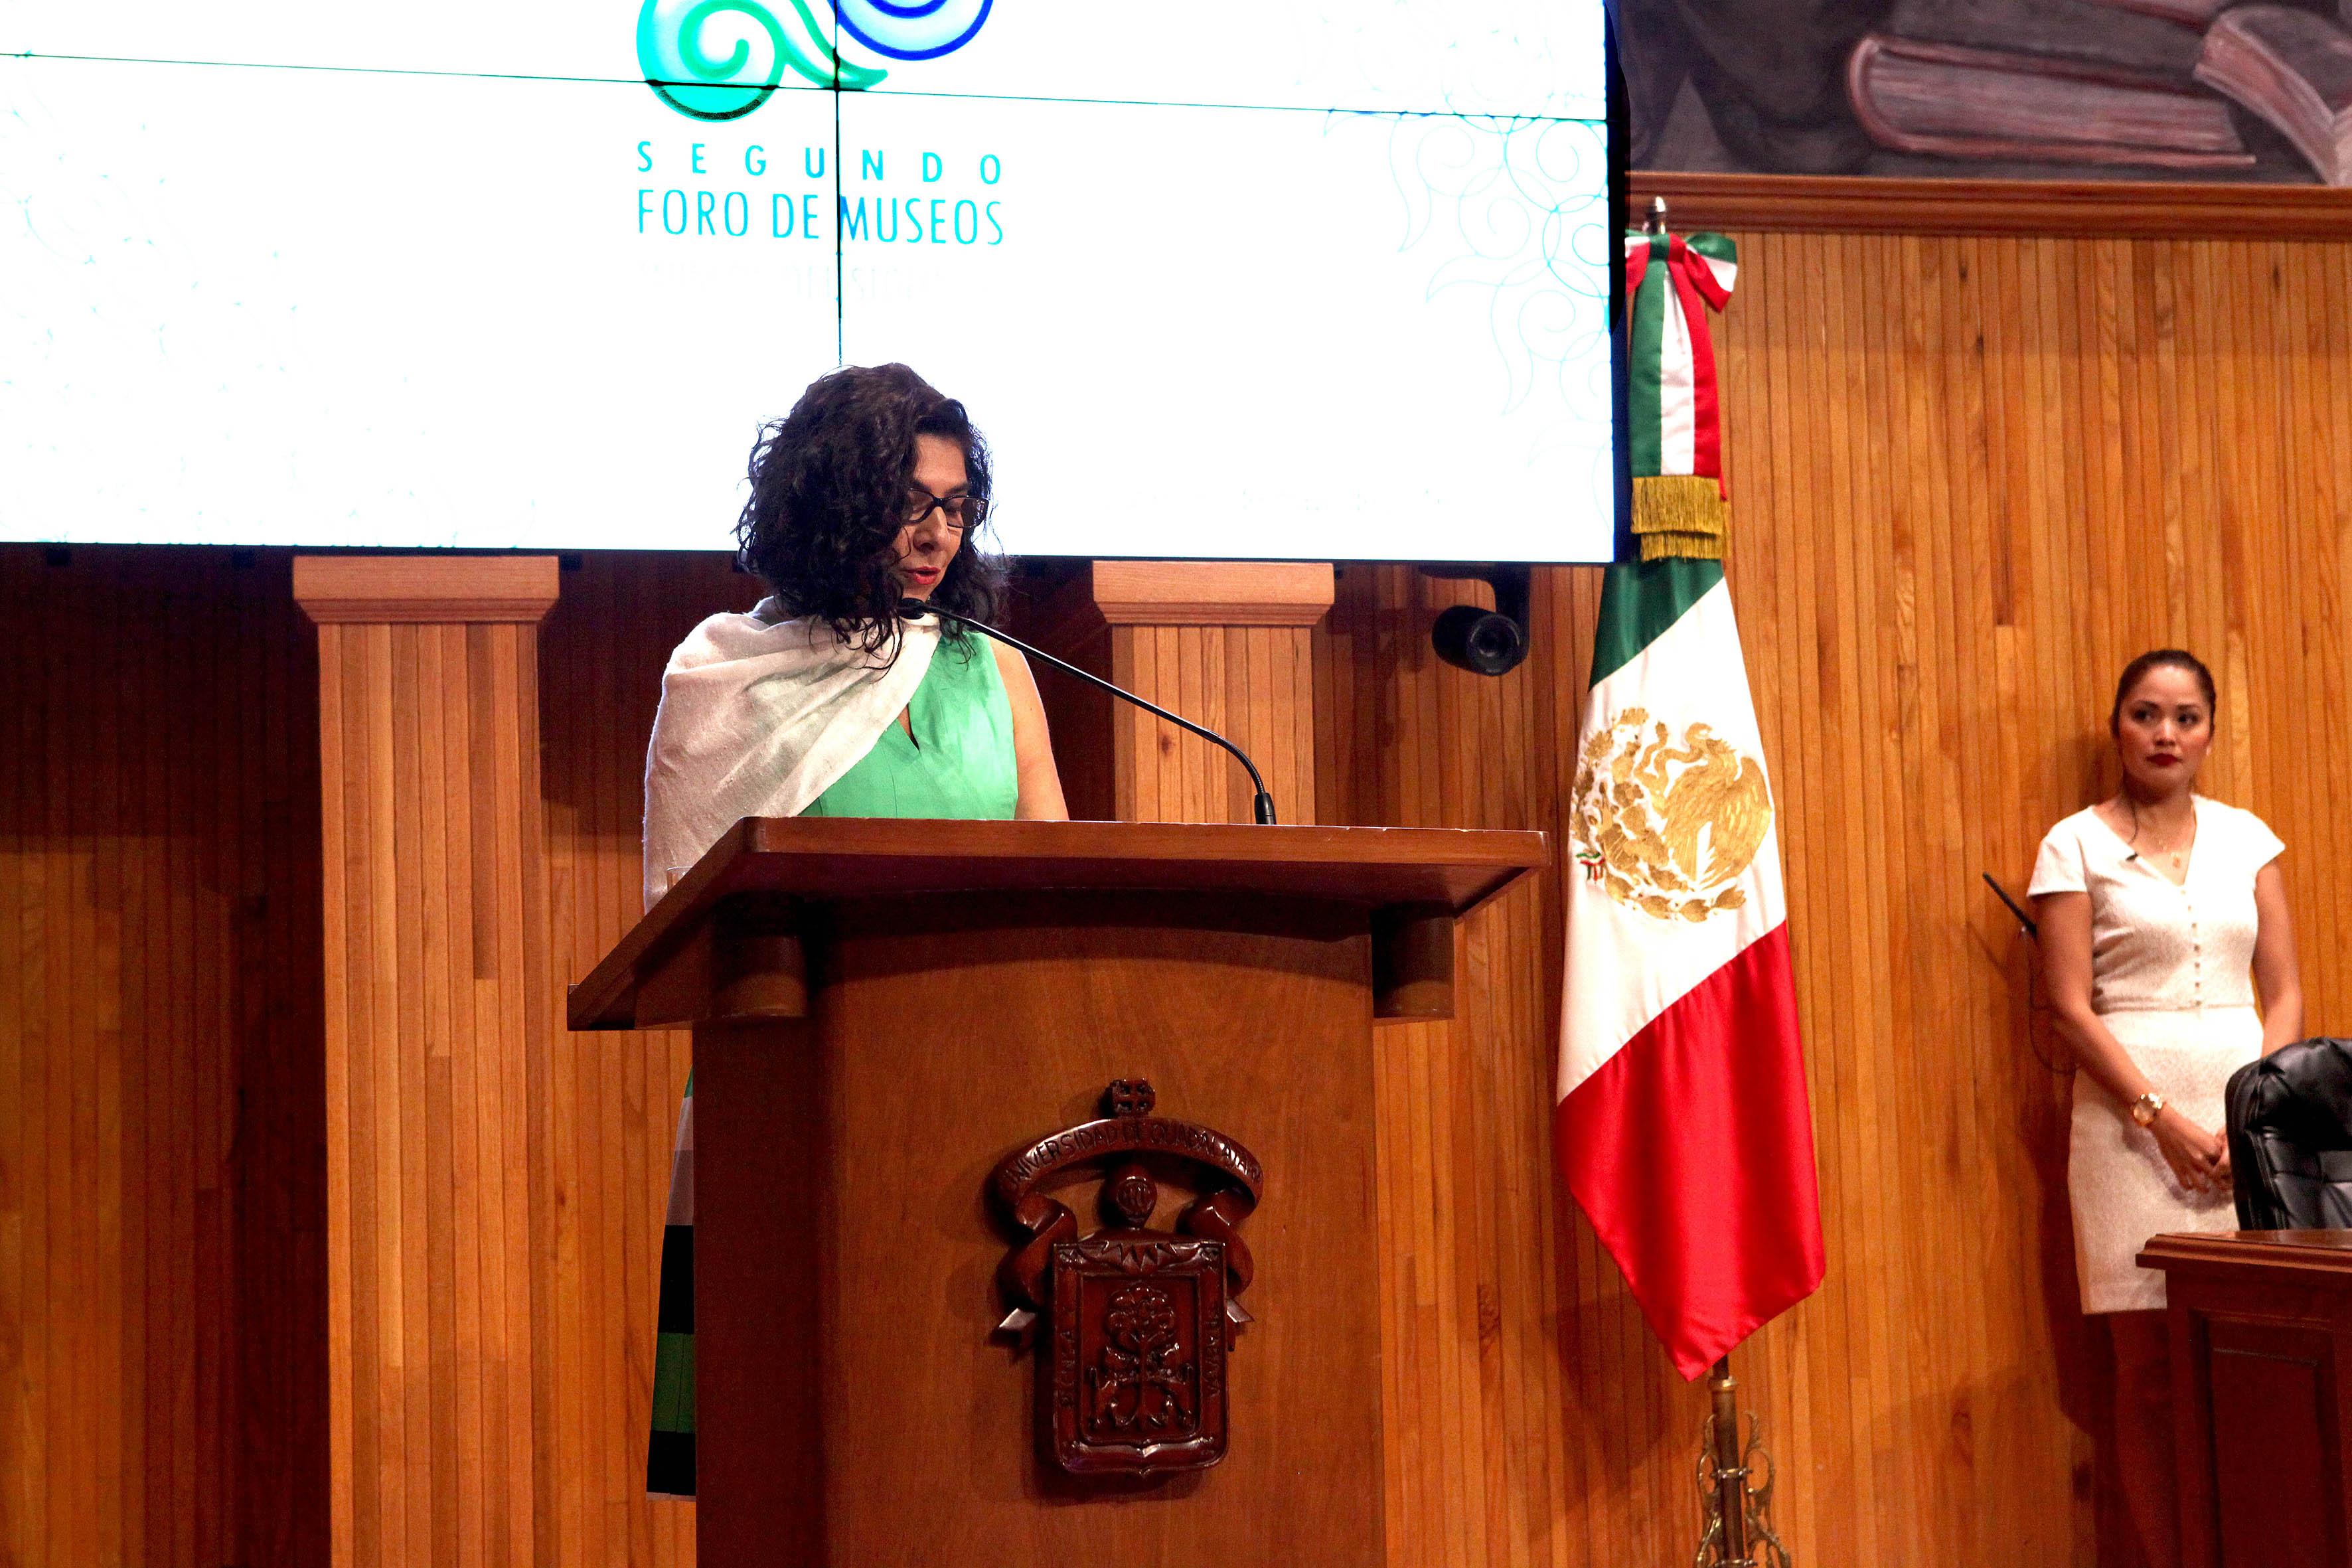 En el podio la directora del MUSA, maestra Maribel Arteaga Garibay